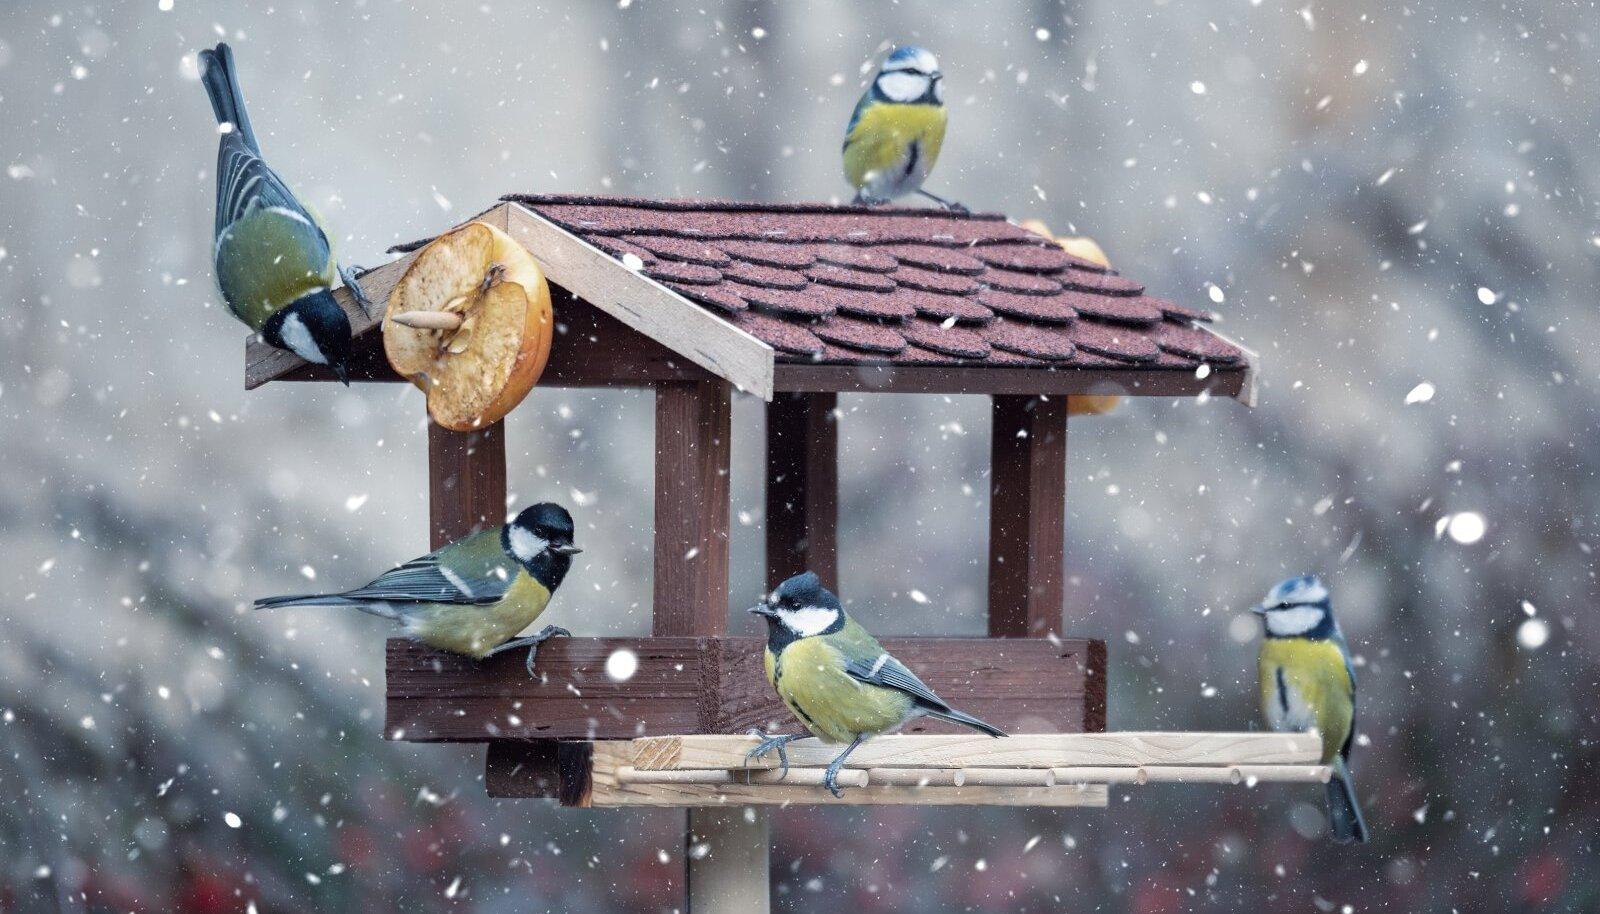 Toidumaja peaks olema kergesti ligipääsetav ja kaetud sademete eest. Heaks lisaks on lindudele alati ka poolik õun.